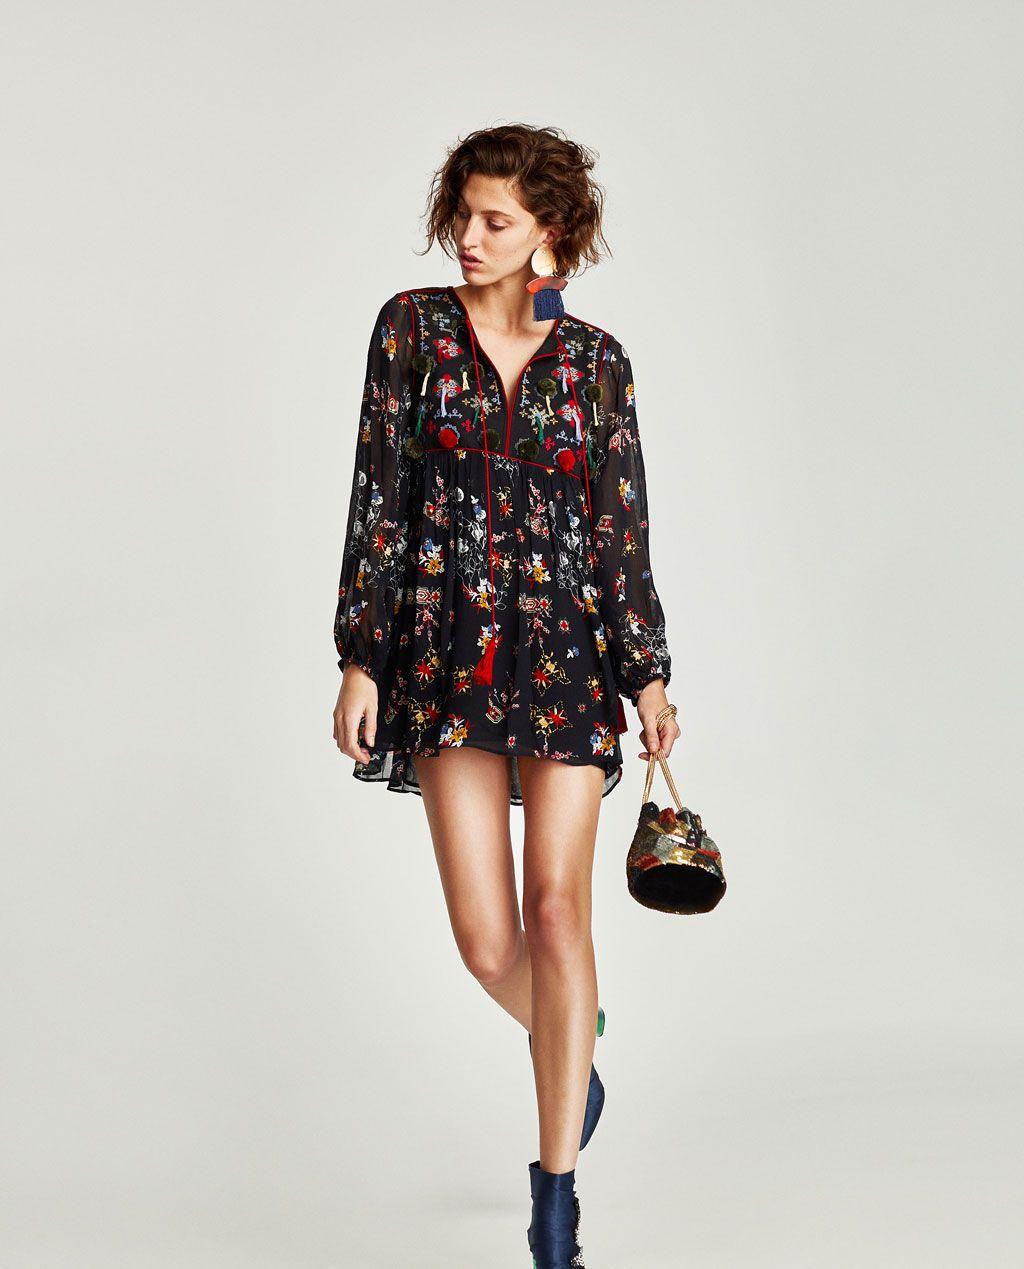 Femme À Shopping Zara France Brodée Nouveautés List Robe Pompons xIdqgg